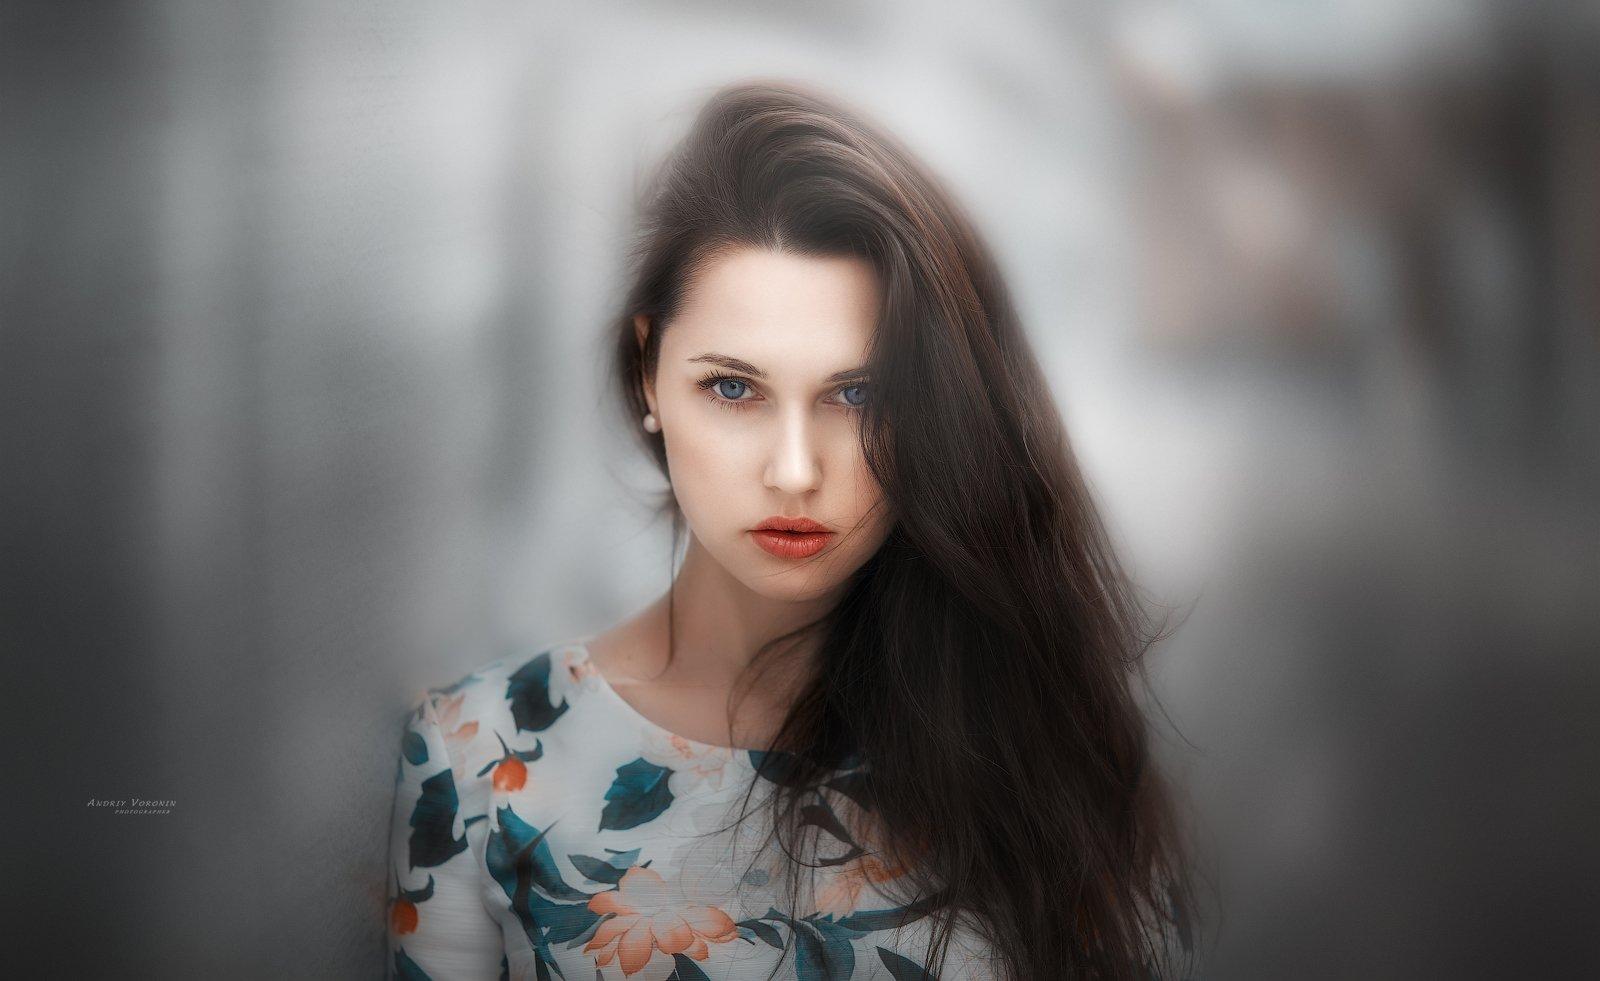 портрет,девушка,улица,прогулка,, Воронин Андрей